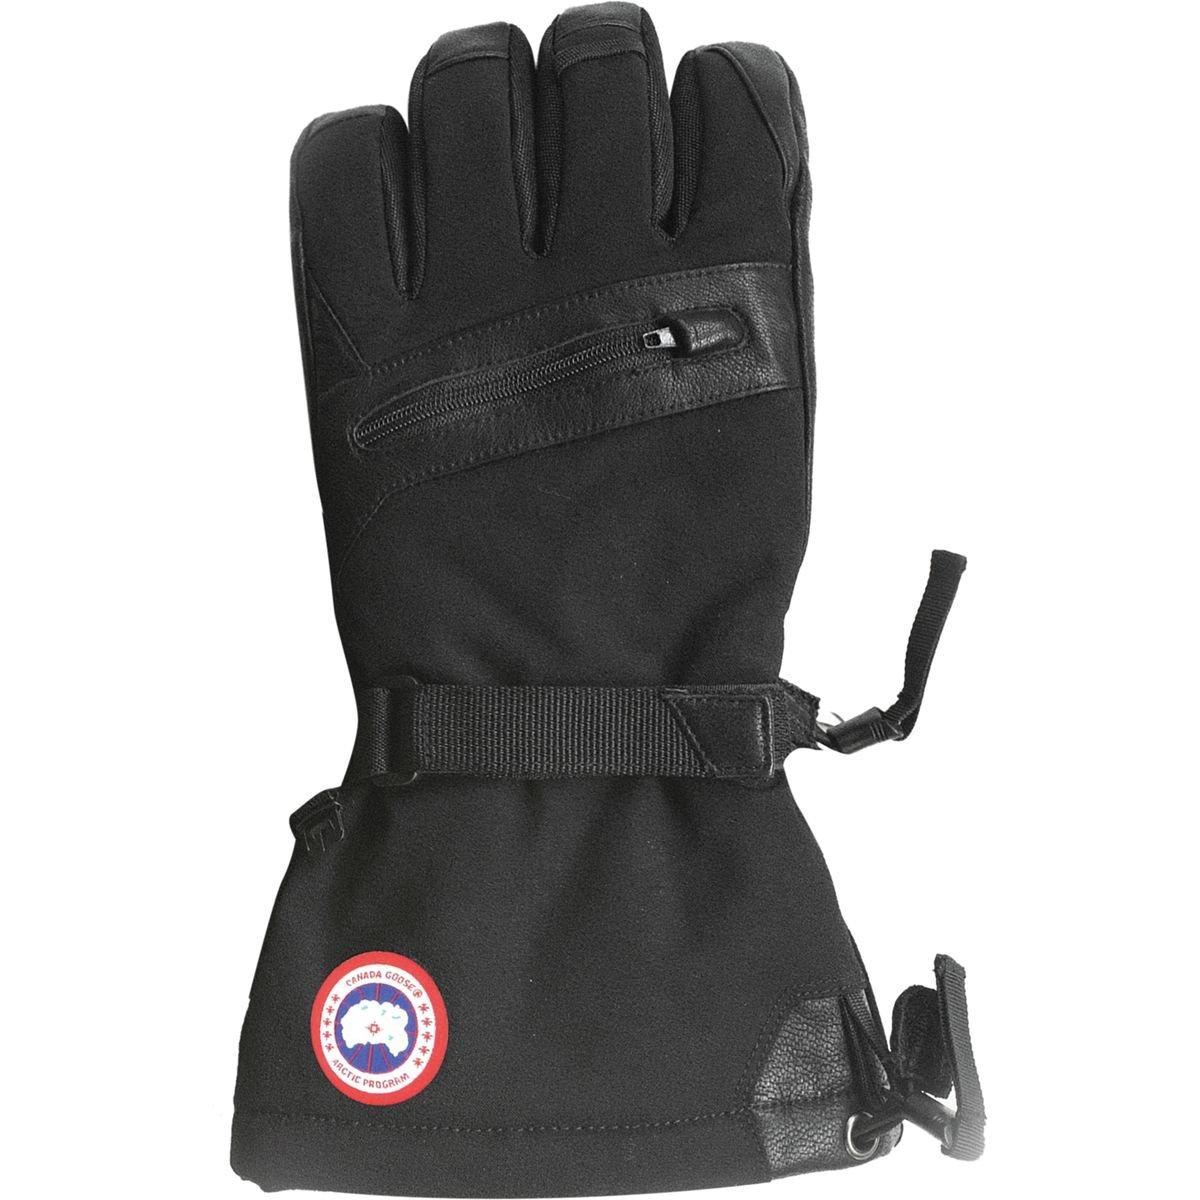 (カナダグース)Canada Goose Northern Utility Glove メンズ スキー ウェア グローブ黒 [並行輸入品] 黒 日本サイズ XL相当 (US XL)